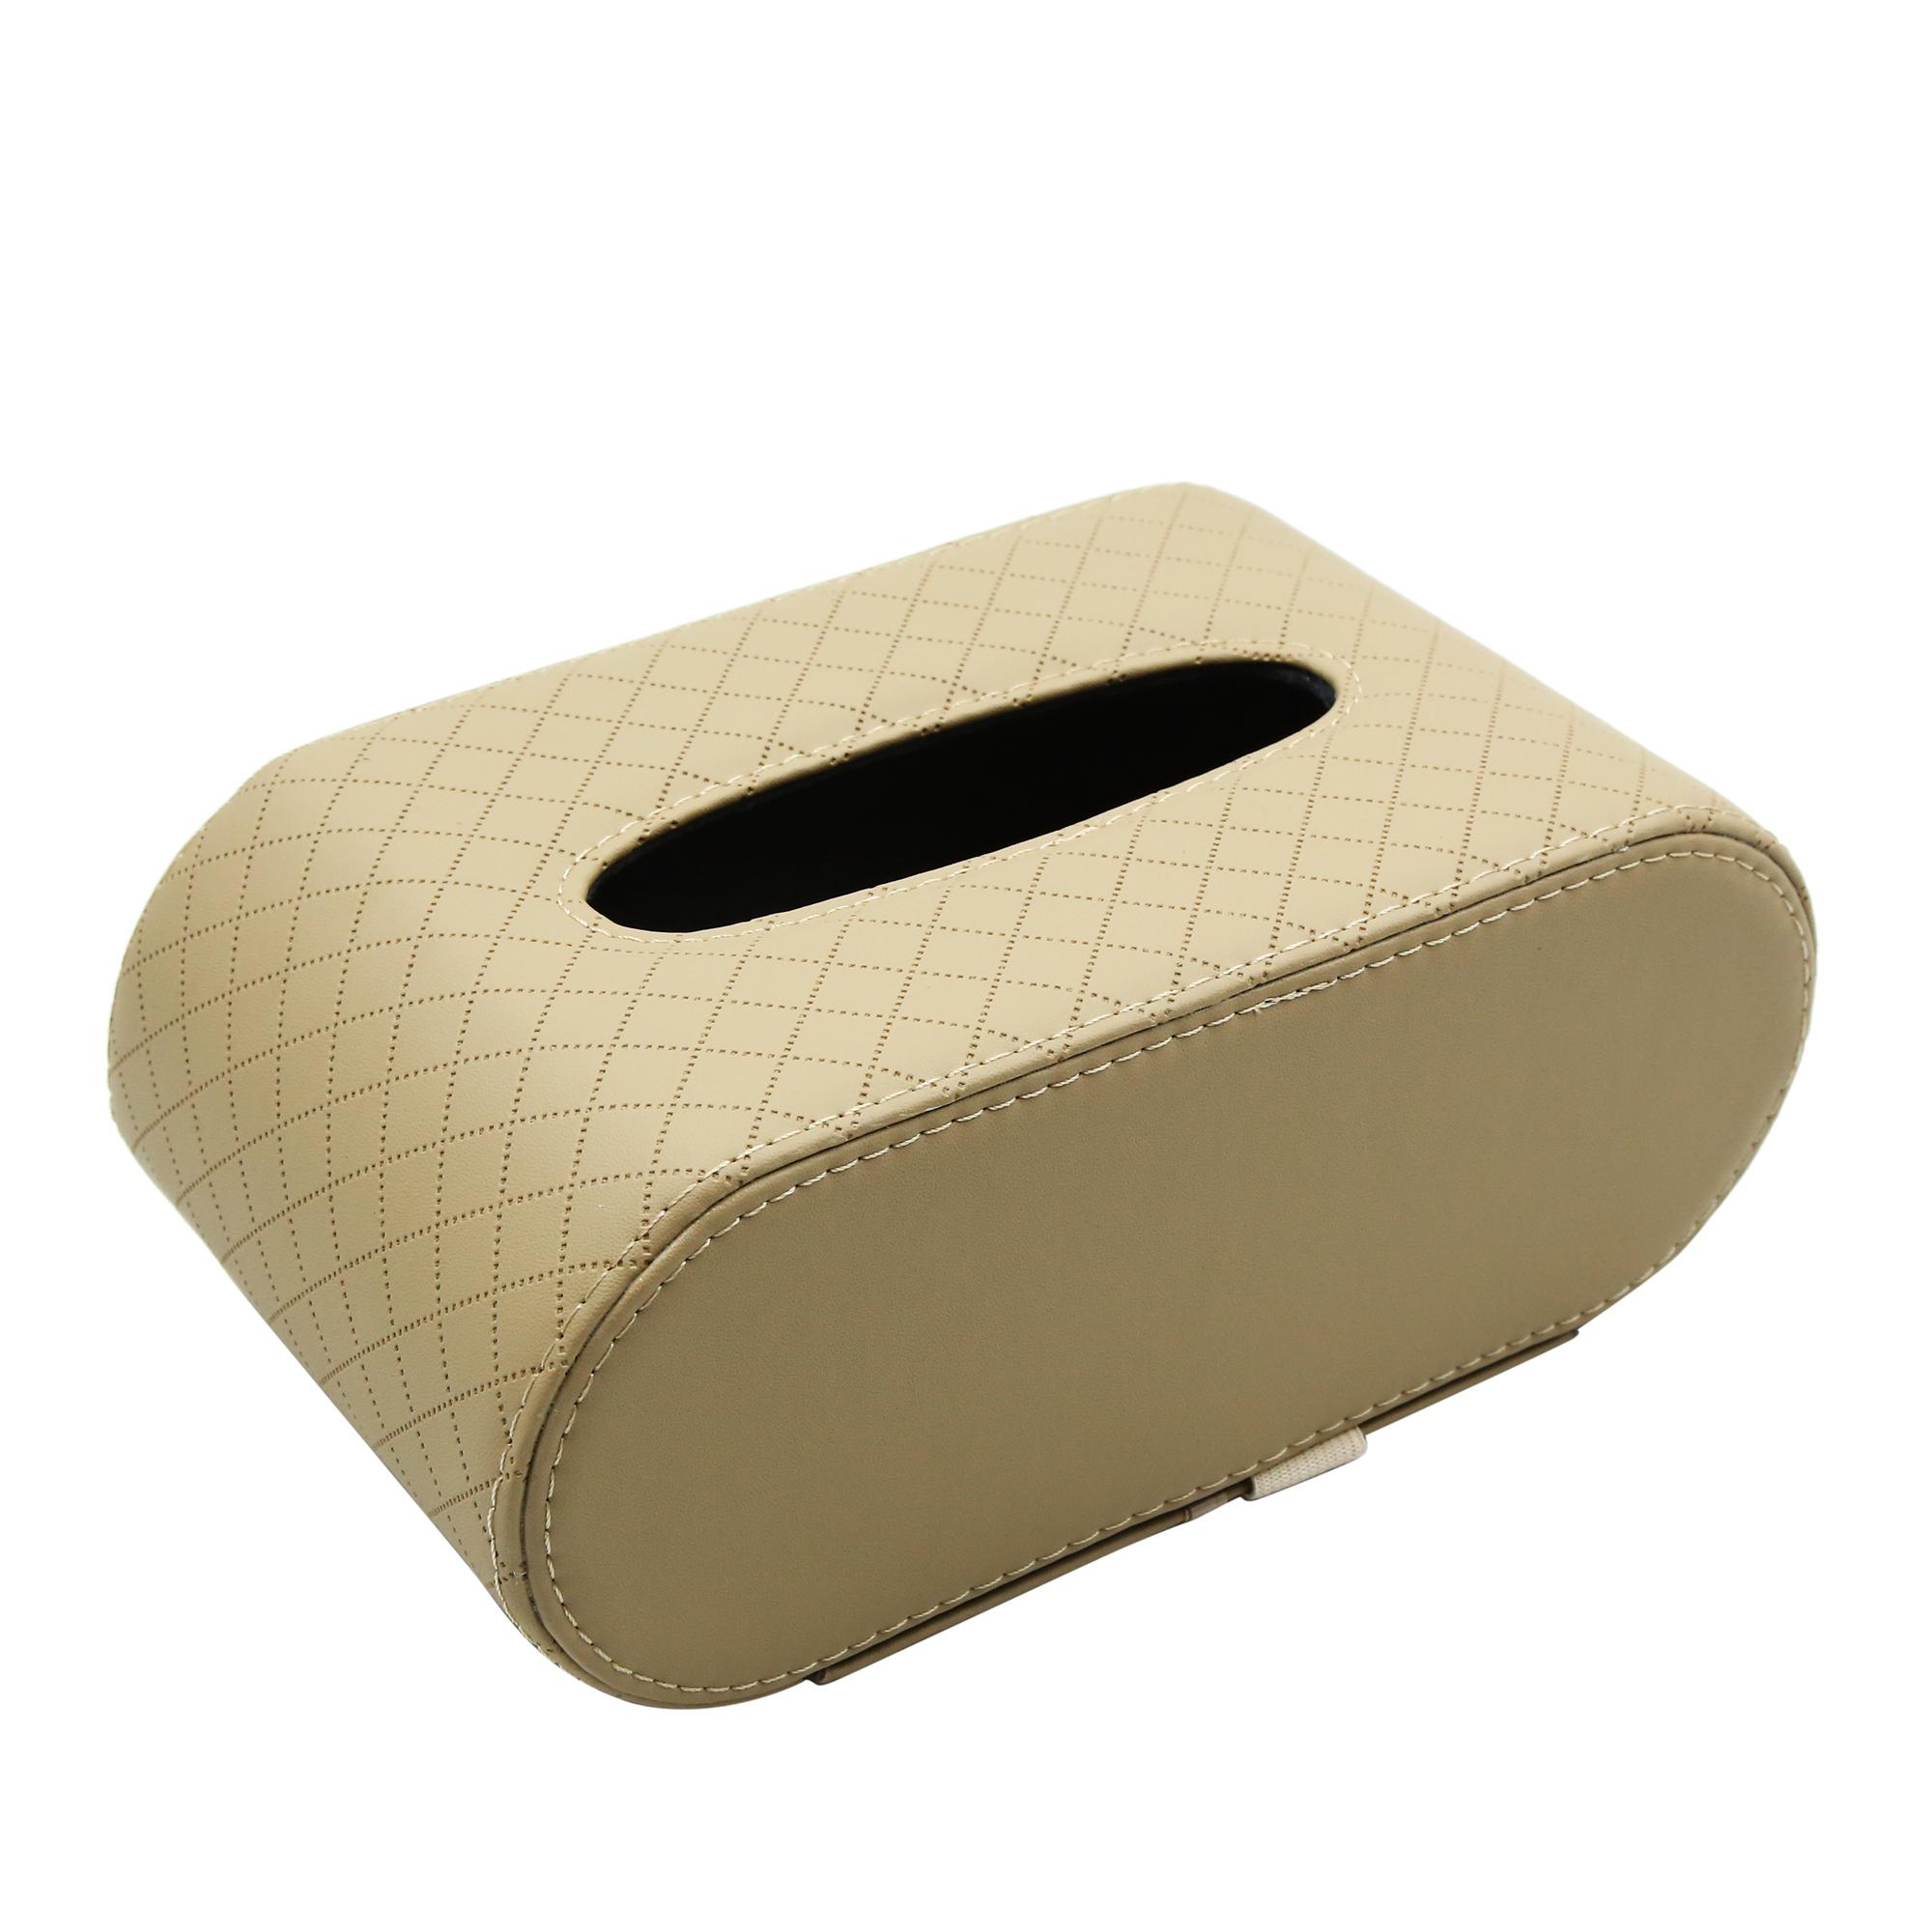 Tissue Paper Holder Box Cover Case Napkin Holder Holder WE-WIN Tissue Box